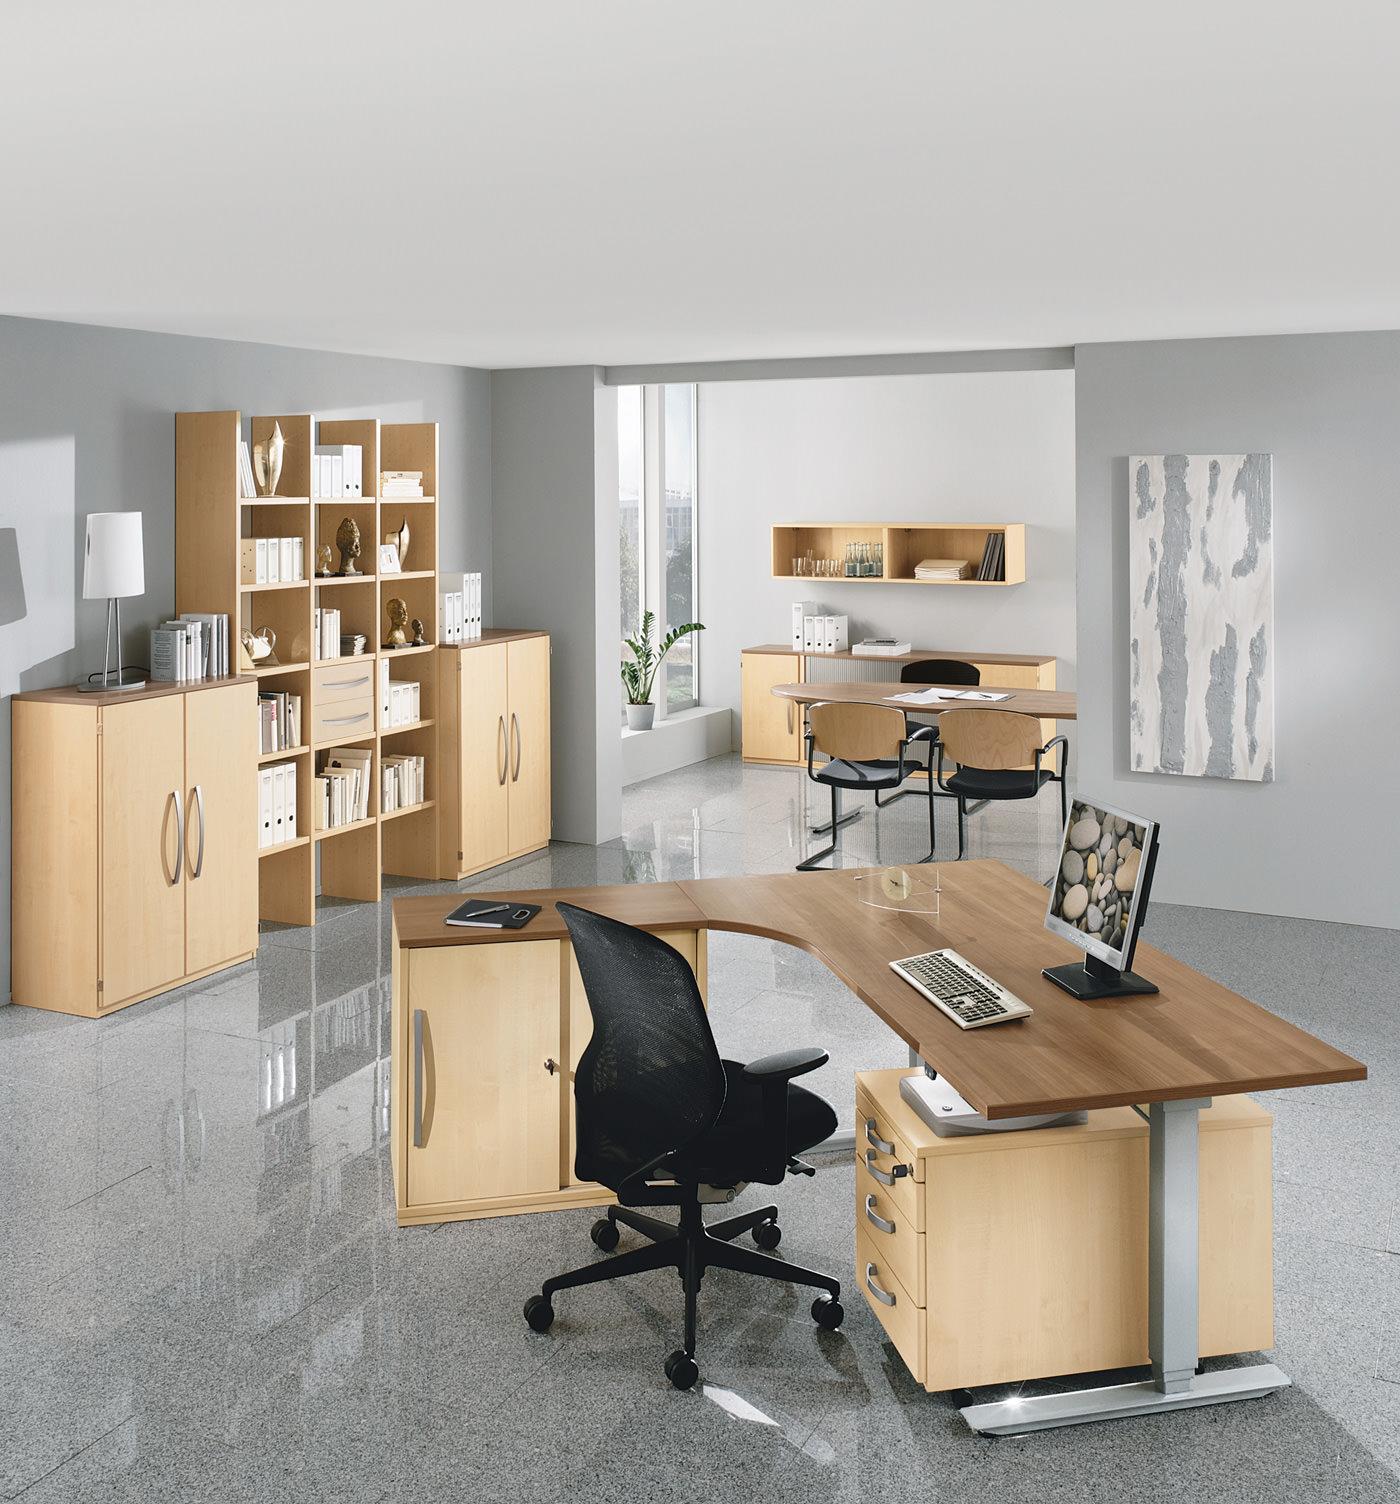 Tolle Techno Büromöbel Fotos - Die besten Einrichtungsideen - erilma.com